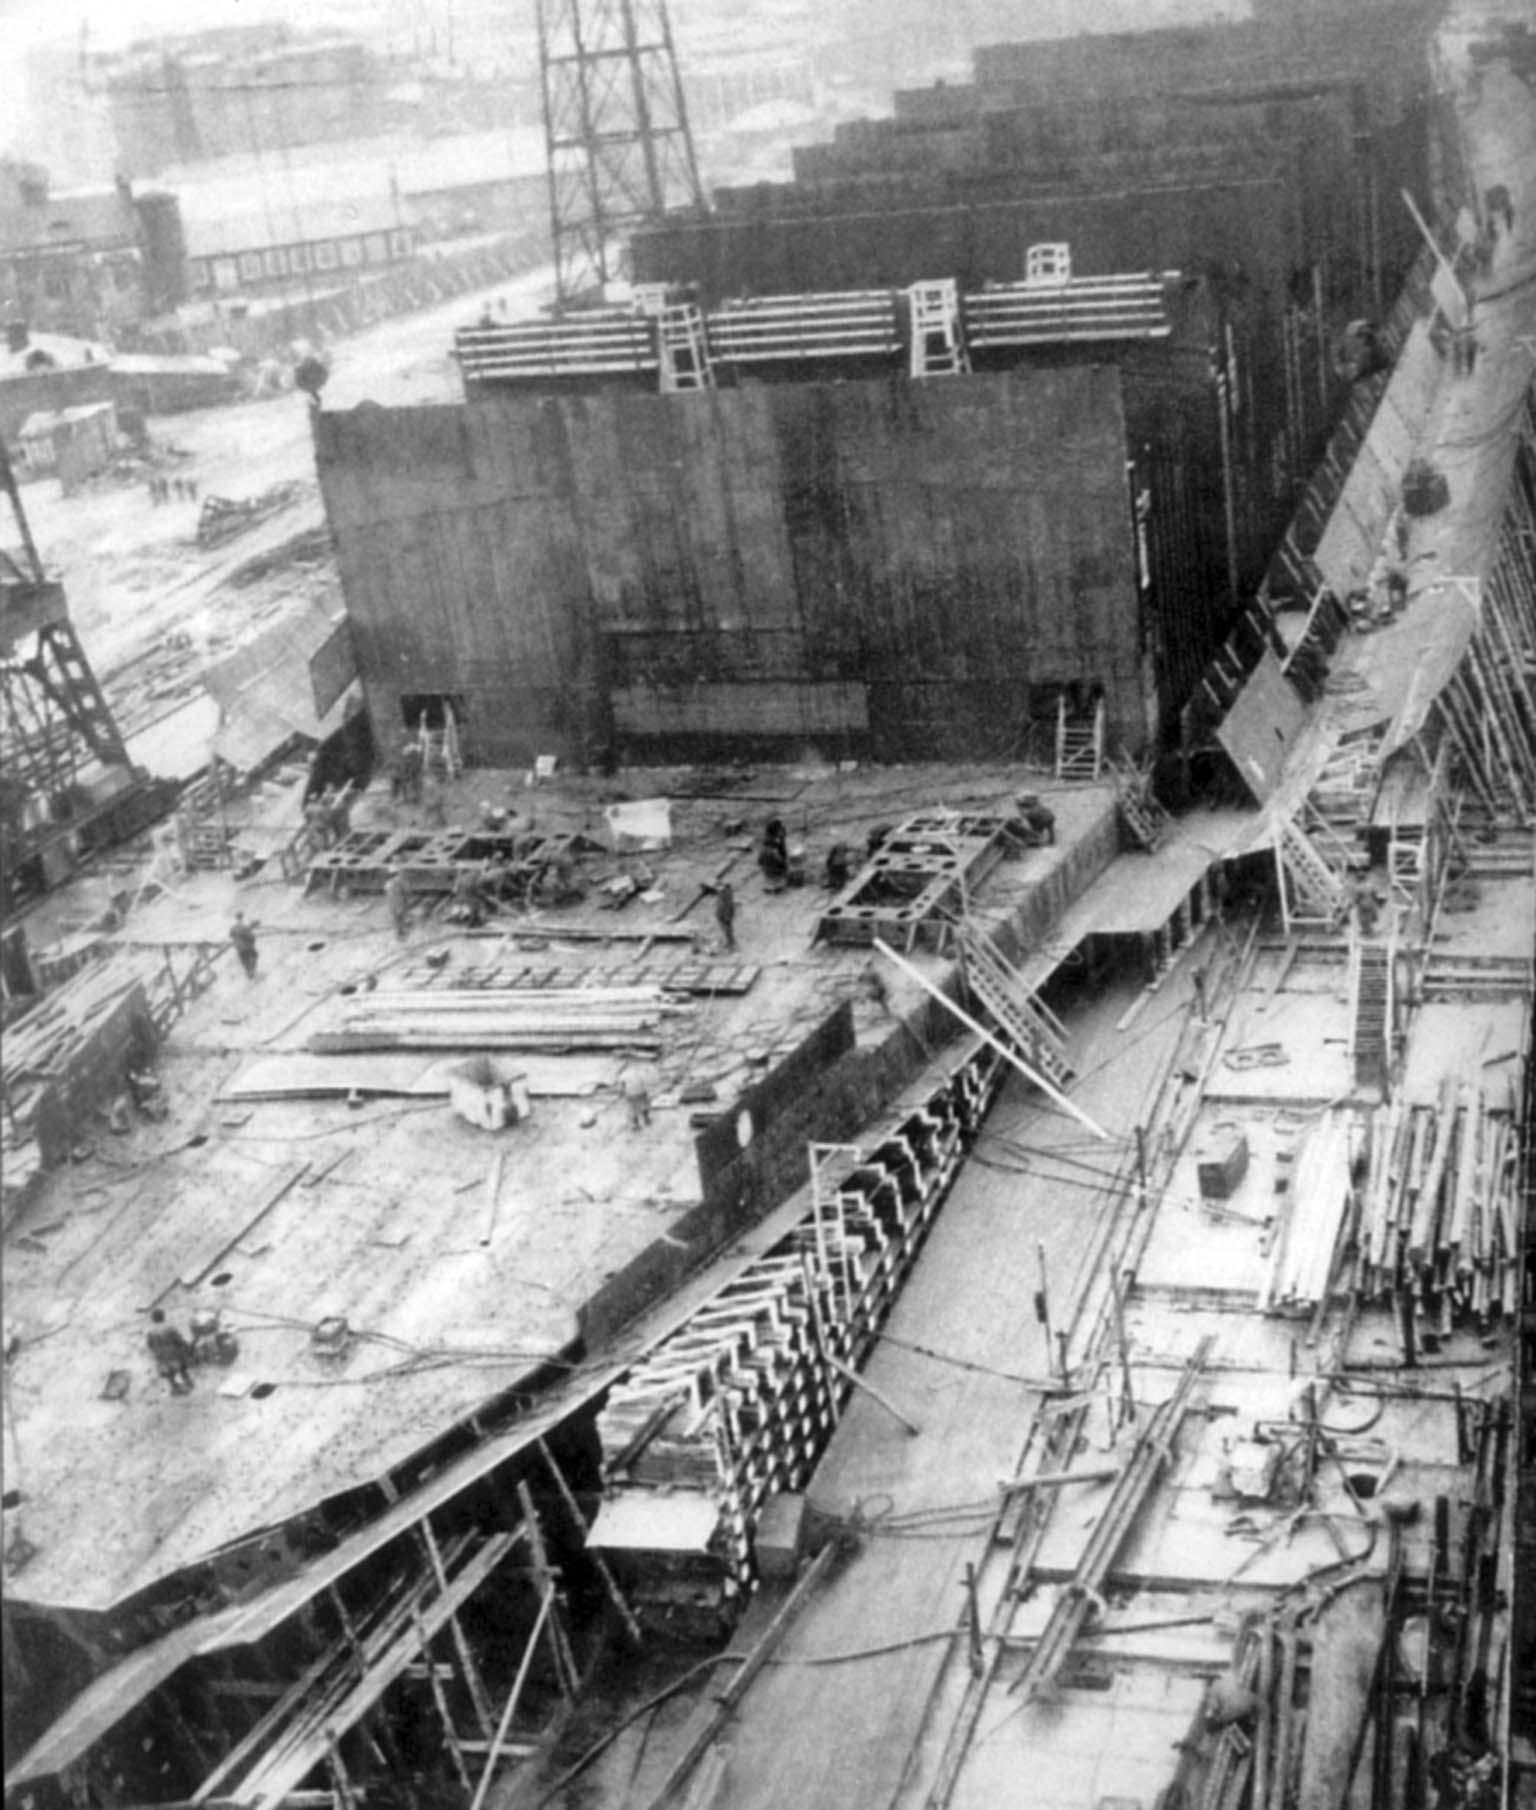 battleship Soviet Union